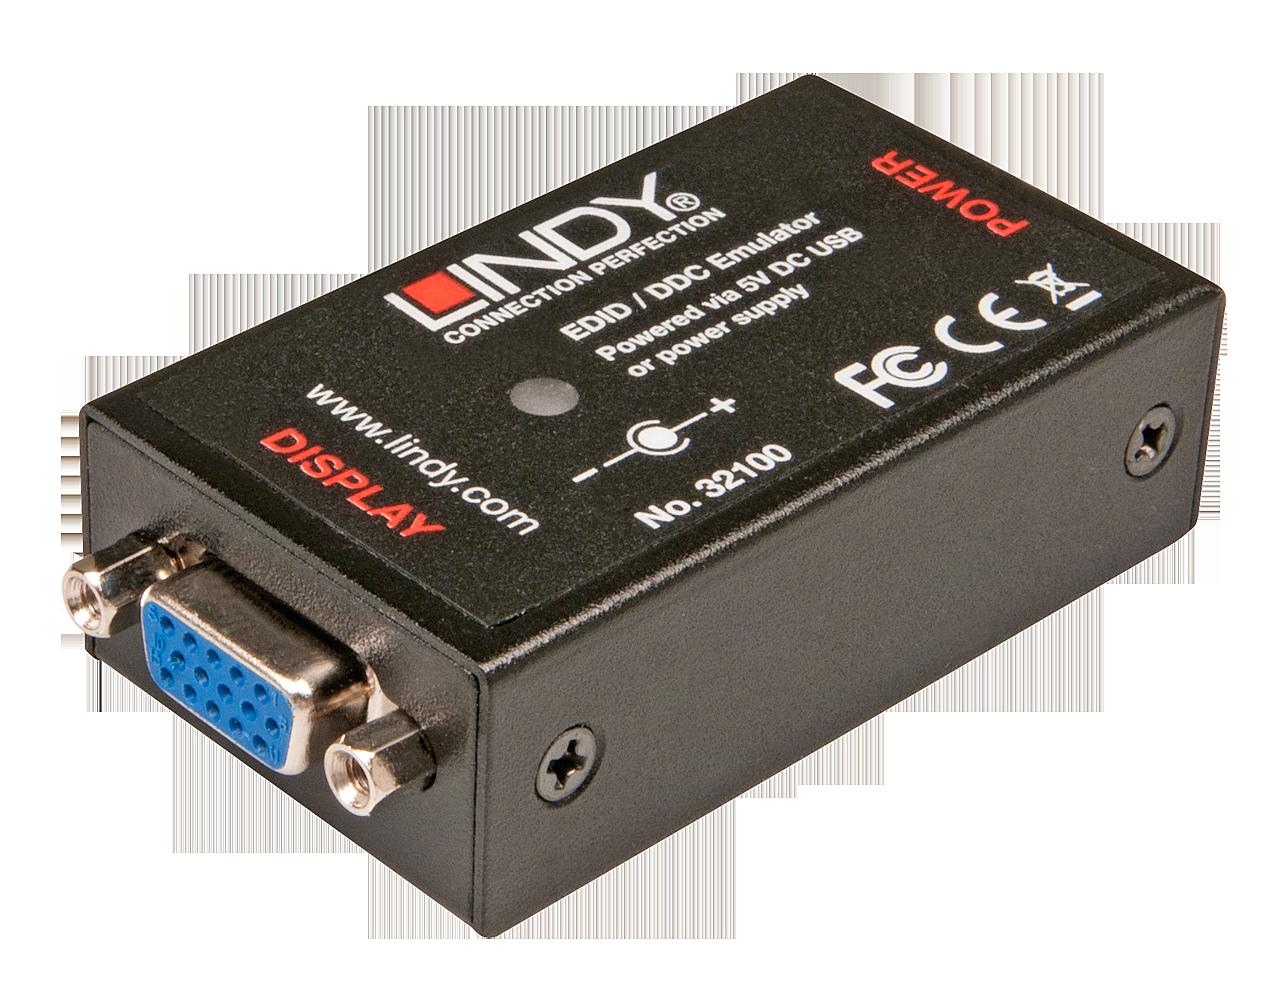 EDID/DDC Emulator Programmiergerät für VGA/DVI-Emulatoradapter